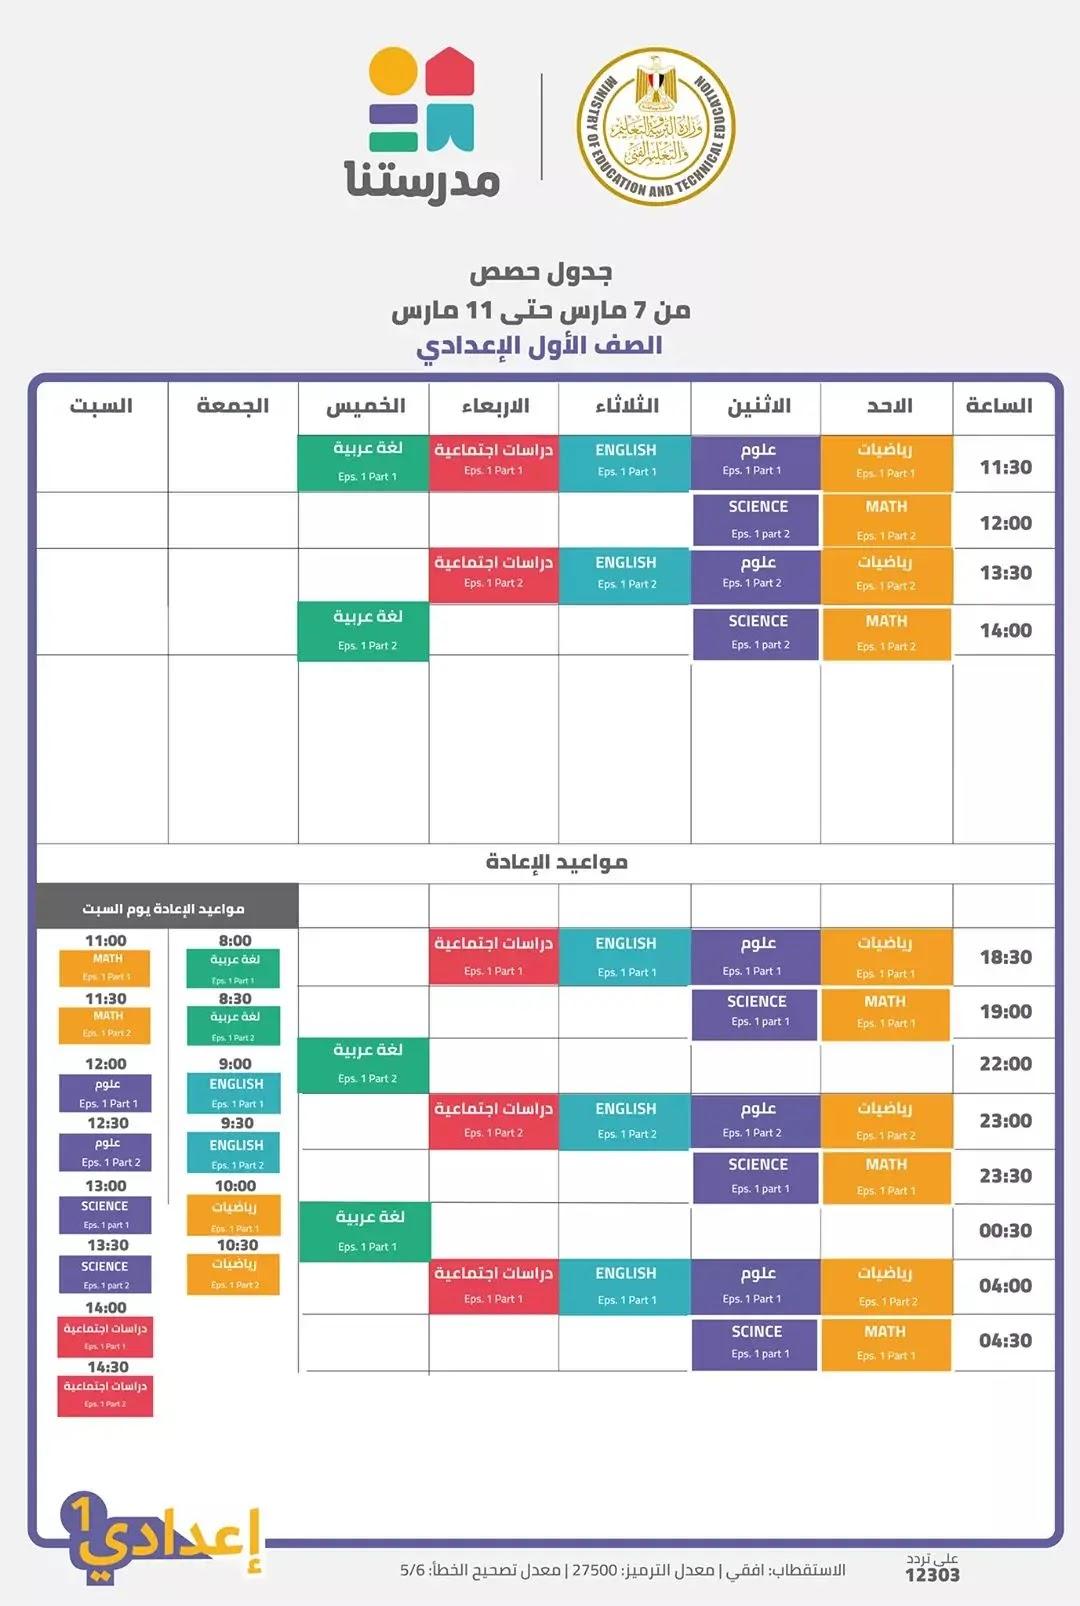 جدول قناة مدرستنا الصف الاول الاعدادي الفترة 7 الي 11 مارس